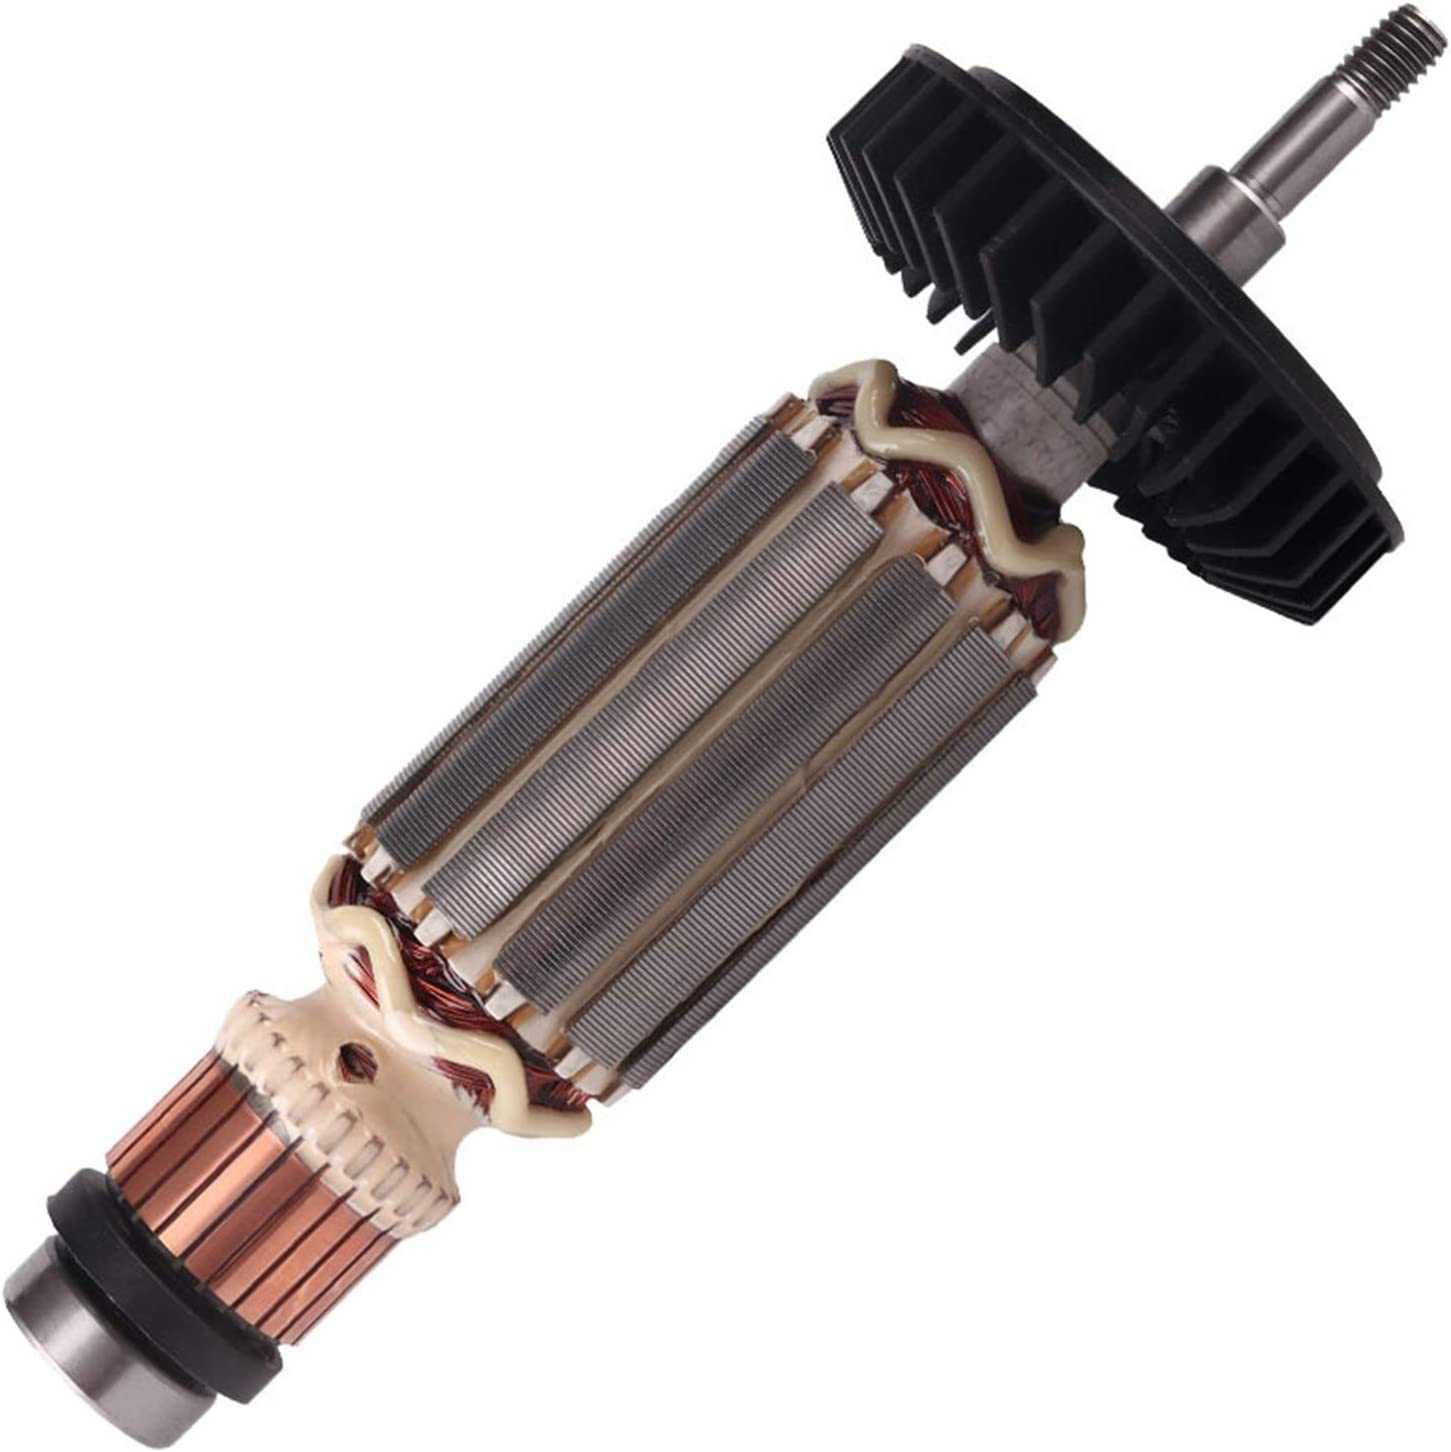 ZHANGAIGUO Angle Mollinder Armature Rotor Fit para Makita 9553NB 9553HB N 9555 Rotor con el rodamiento 607 Ángulo Grinder Rotor Accesorios